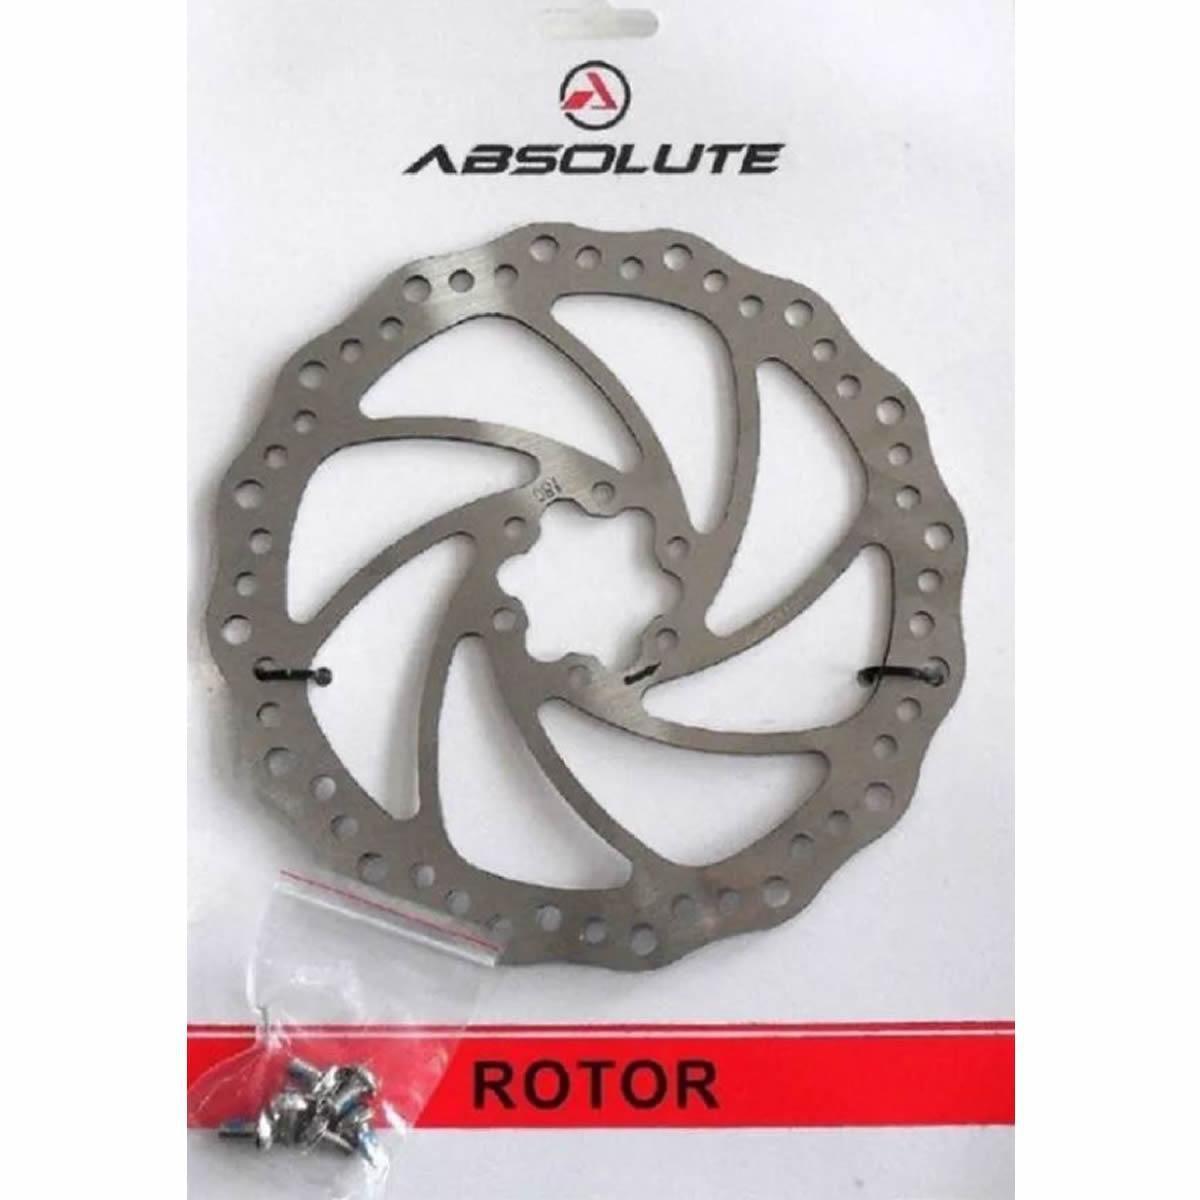 Disco Rotor Para Freio De Bicicleta Absolute 160mm Yrt01